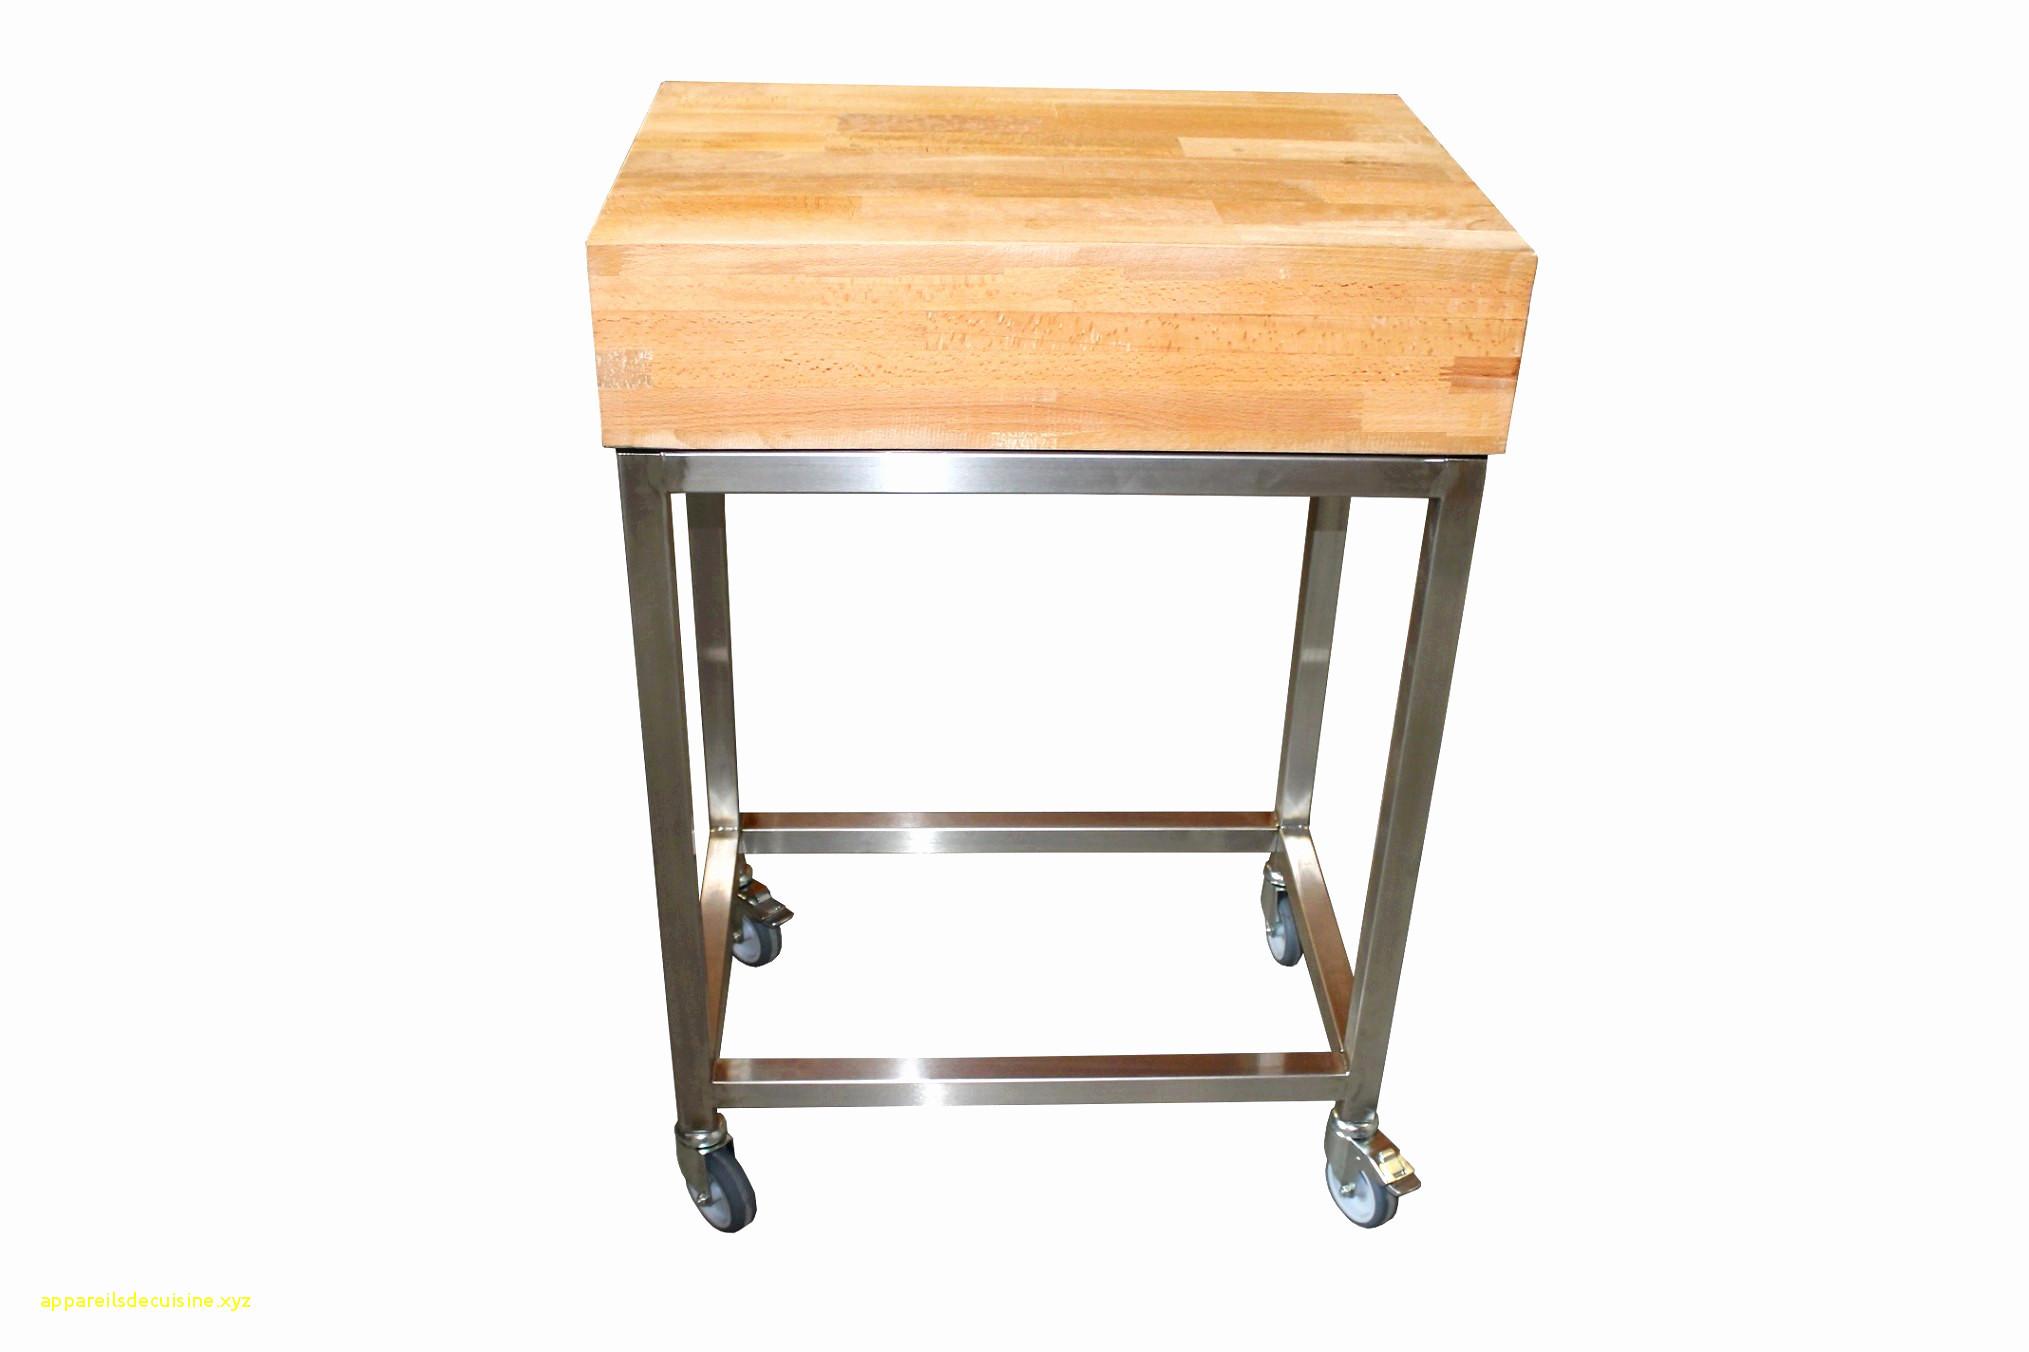 meuble bar blanc beau meuble tv d angle moderne meuble noir et bois meuble blanc 0d of meuble bar blanc